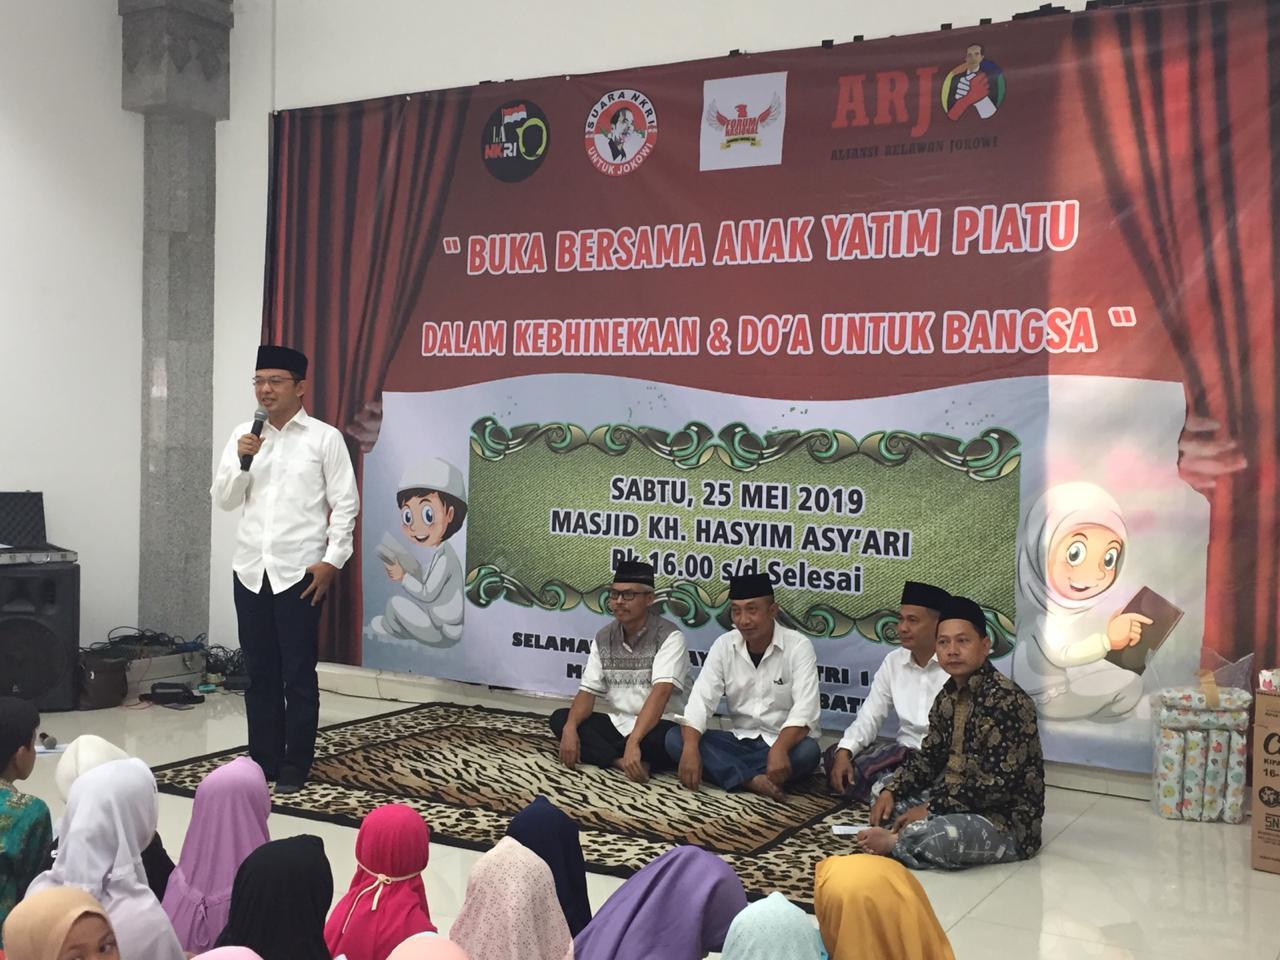 Gabungan Organisasi Relawan Jokowi Adakan Buka Puasa Bersama Anak Yatim Piatu